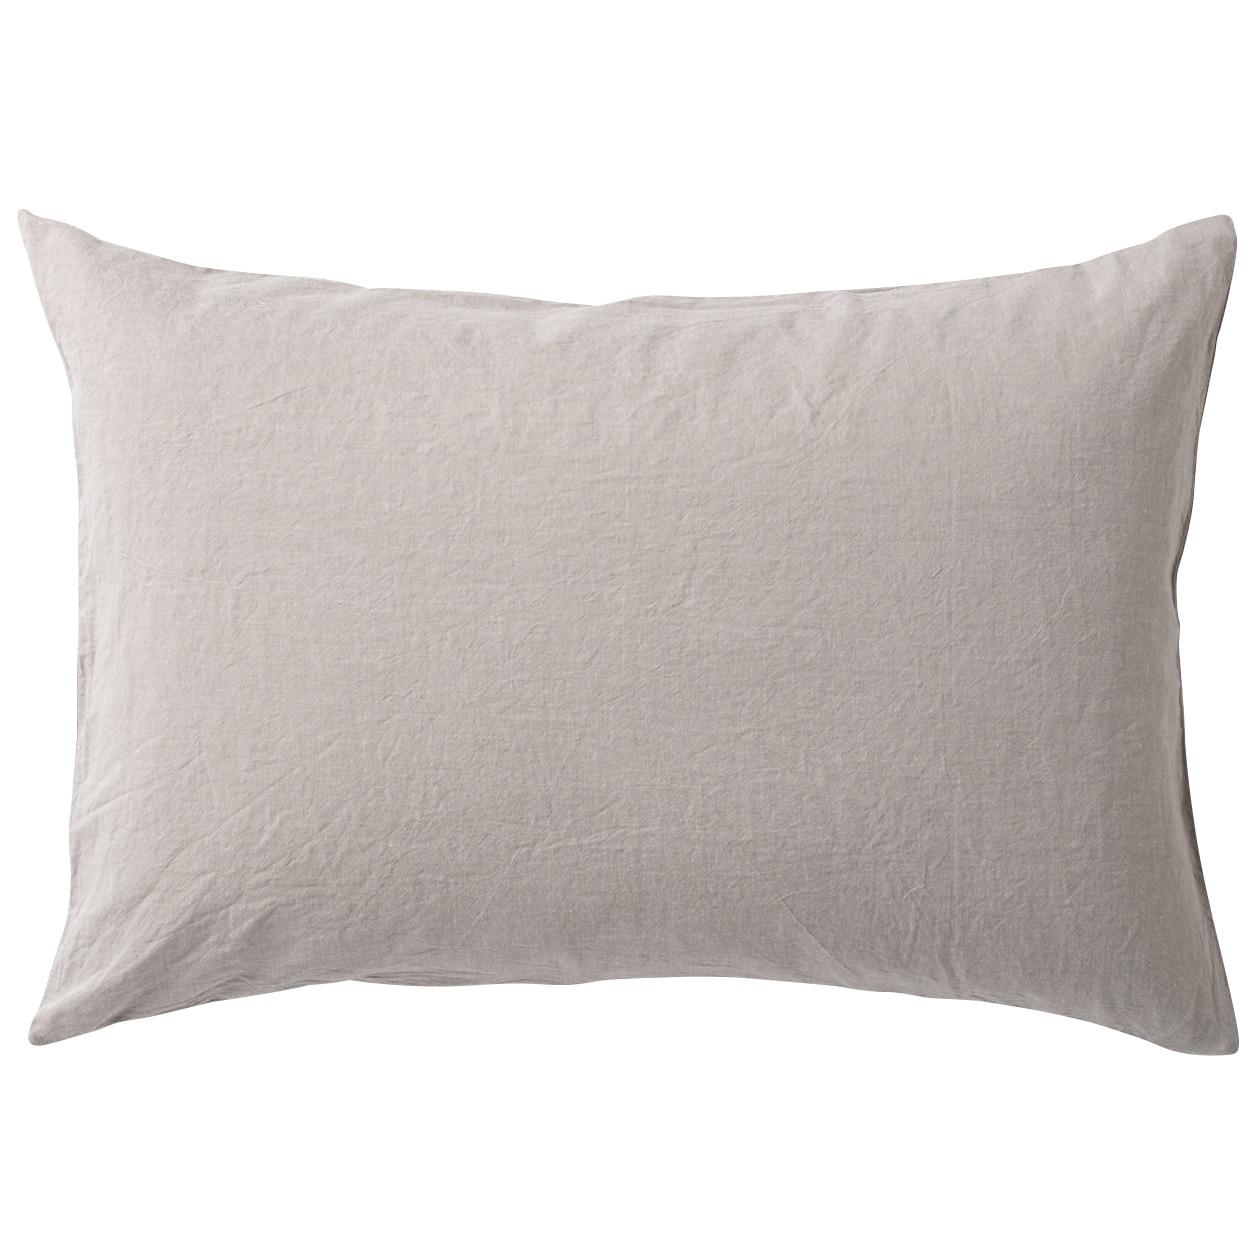 RoomClip商品情報 - オーガニックコットン洗いざらしまくらカバー/ベージュ 43×63cm用/ベージュ